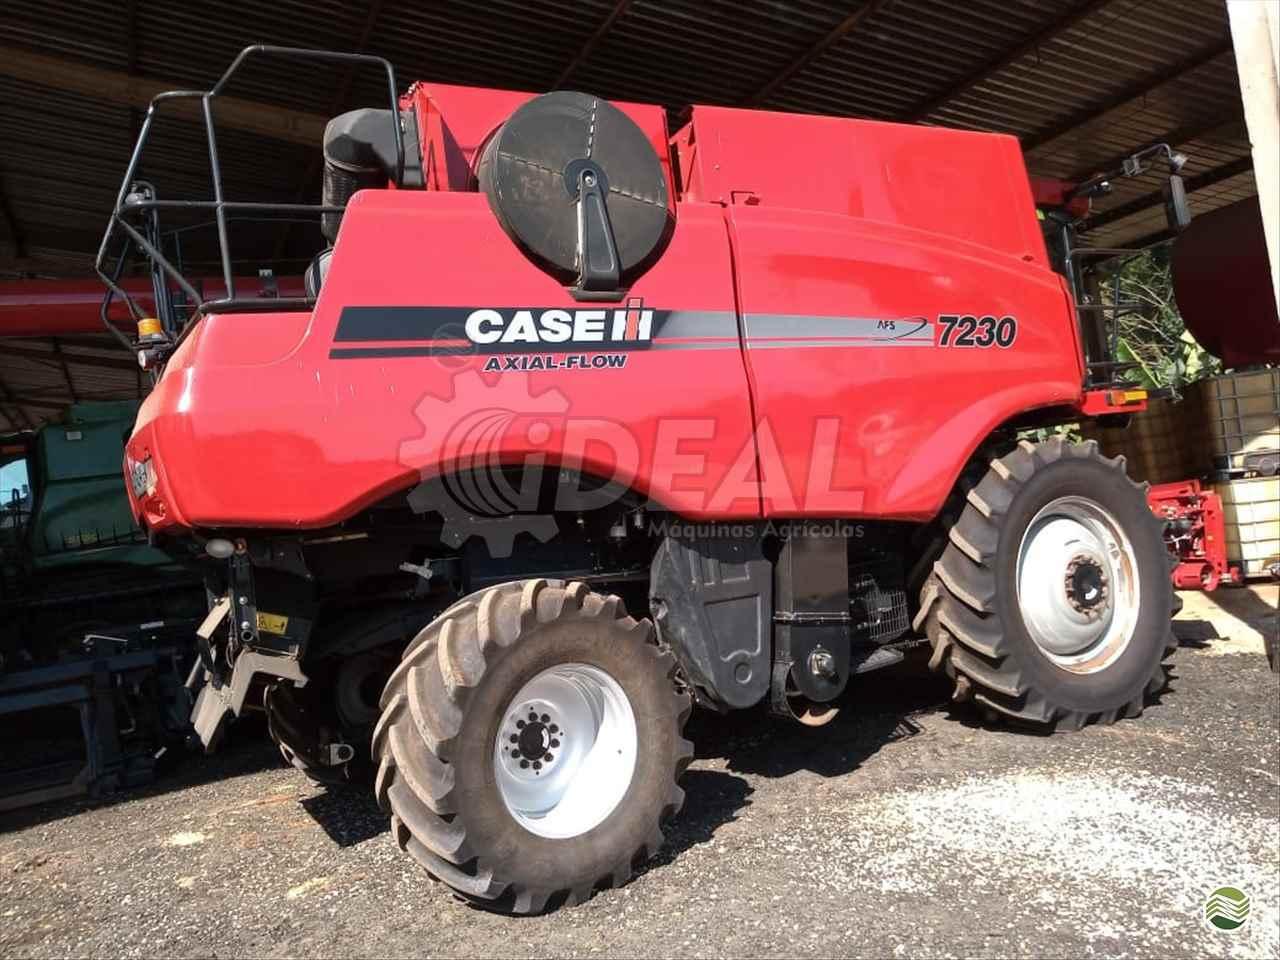 COLHEITADEIRA CASE CASE 7230 Ideal Máquinas Agrícolas SAO GONCALO DO SAPUCAI MINAS GERAIS MG